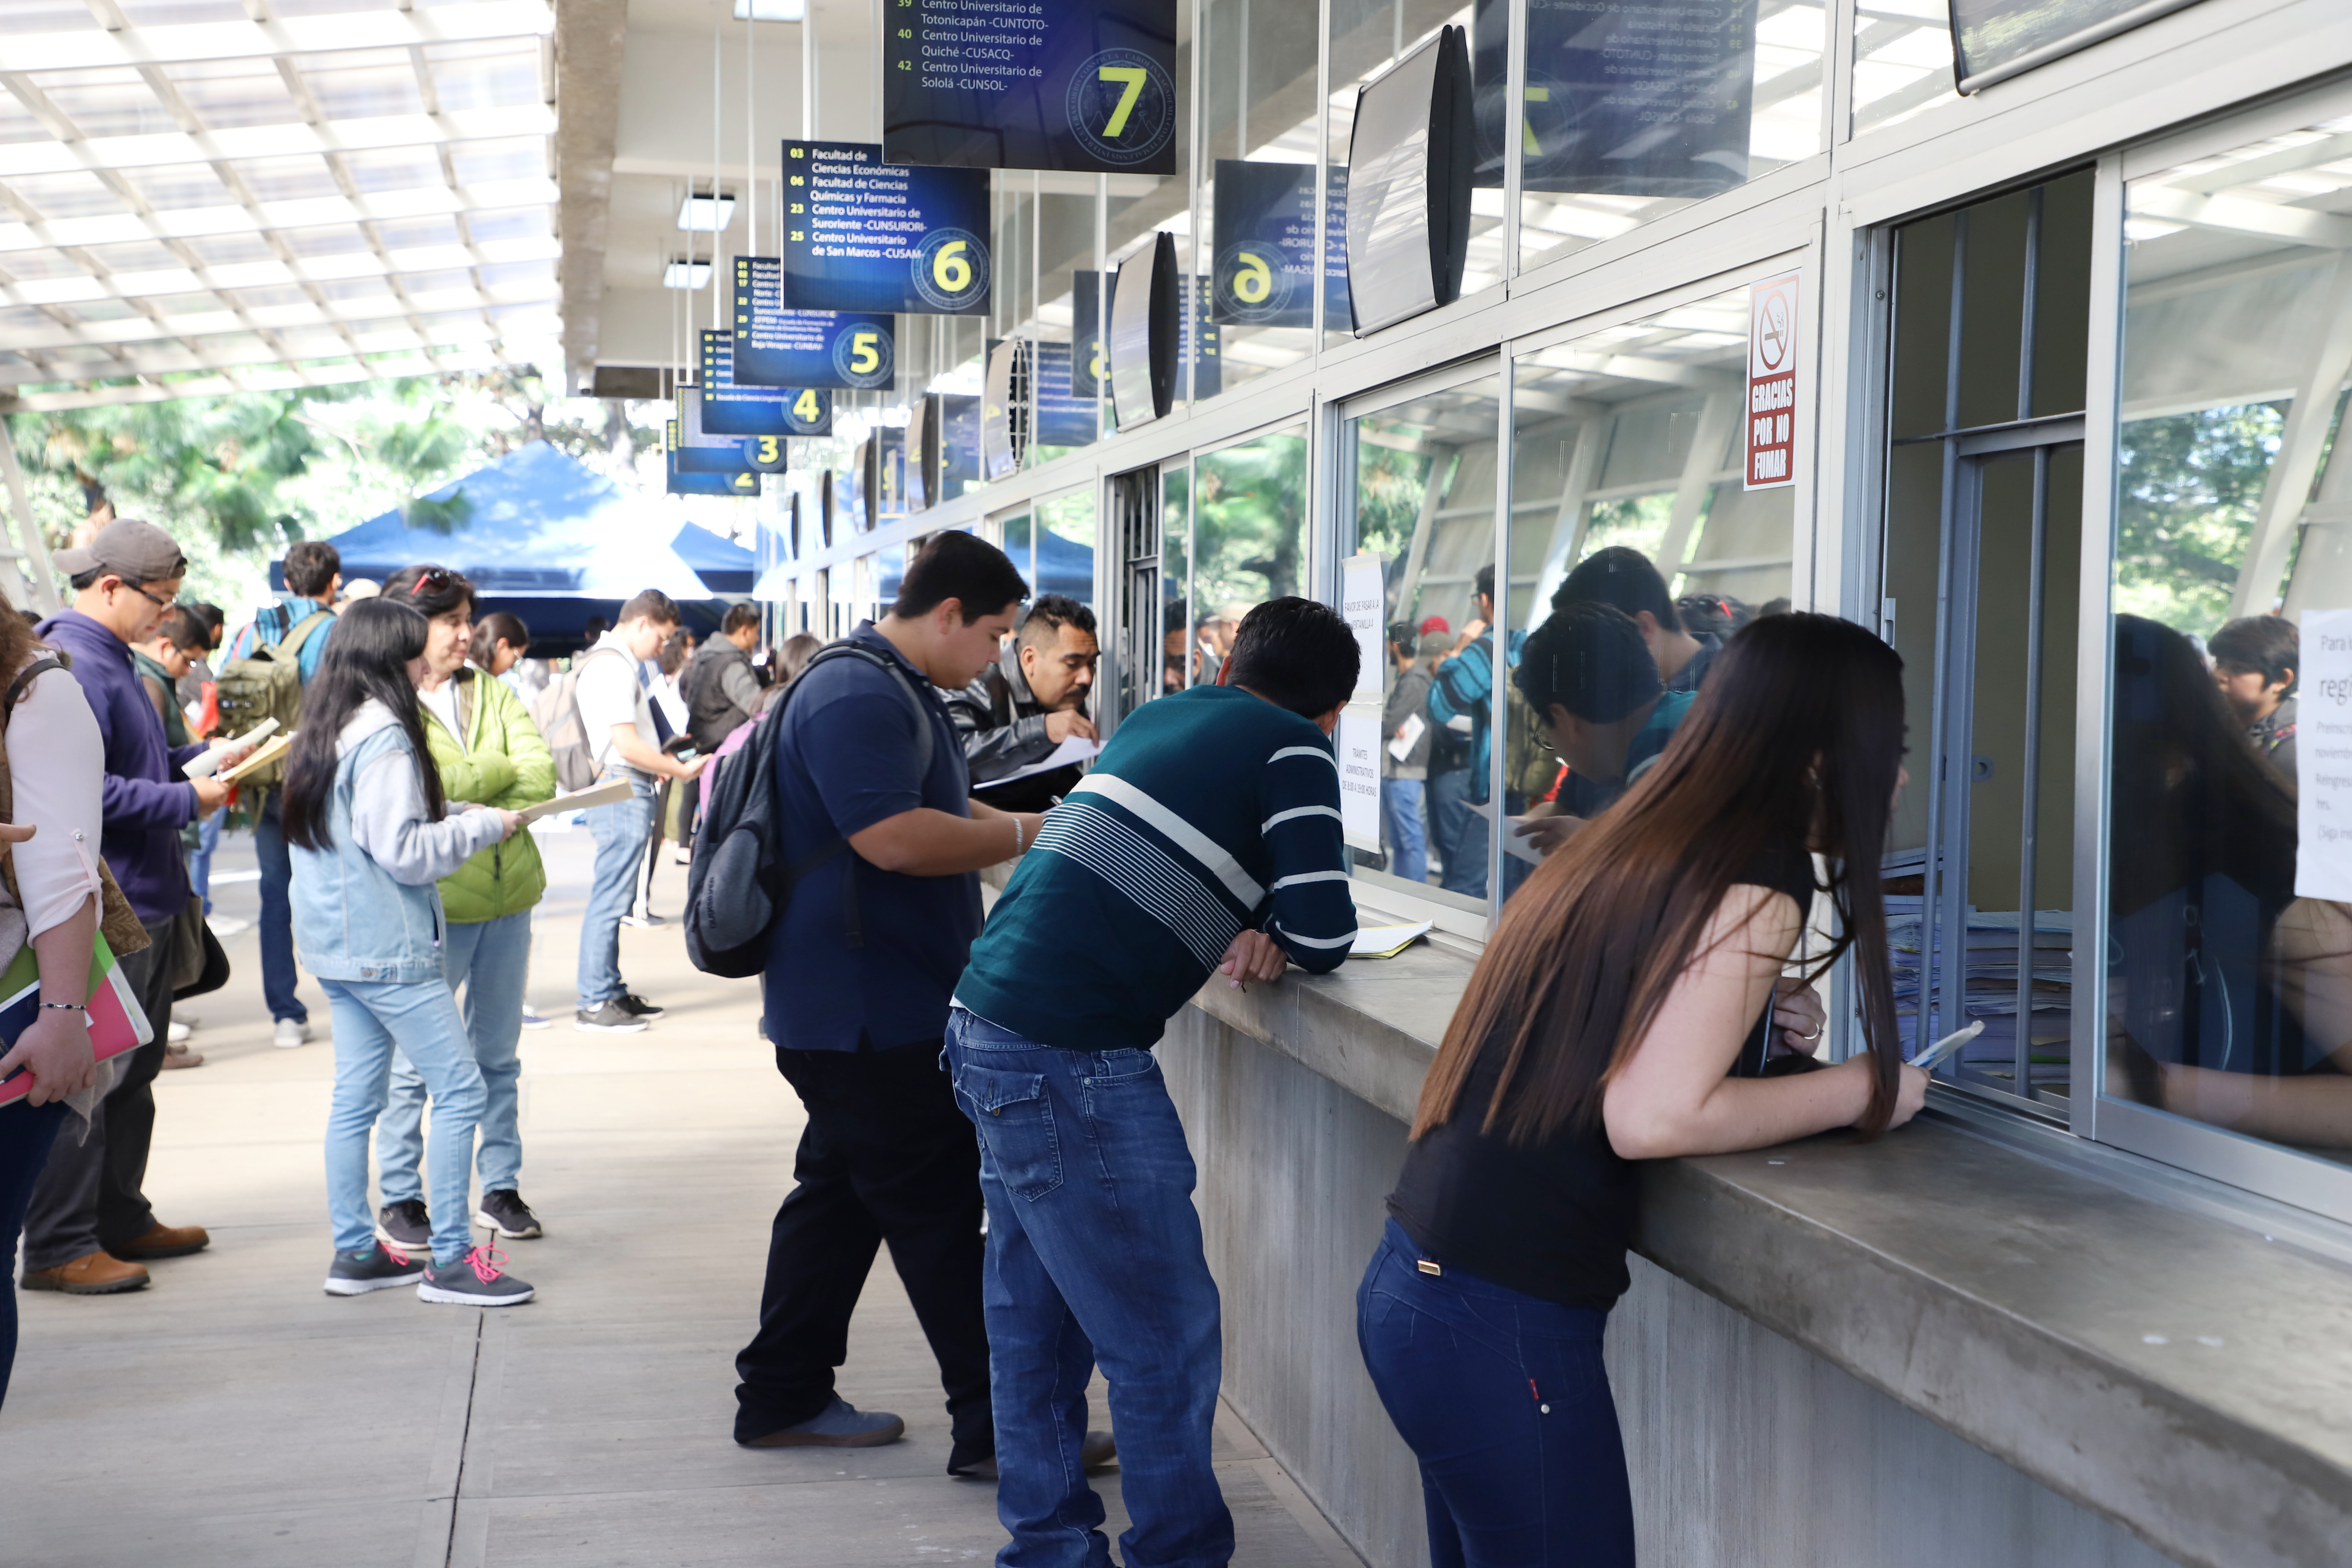 Estudiantes realizando trámites en las ventanillas de atención de Registro y Estadística. Fotografía  de Elio Morales